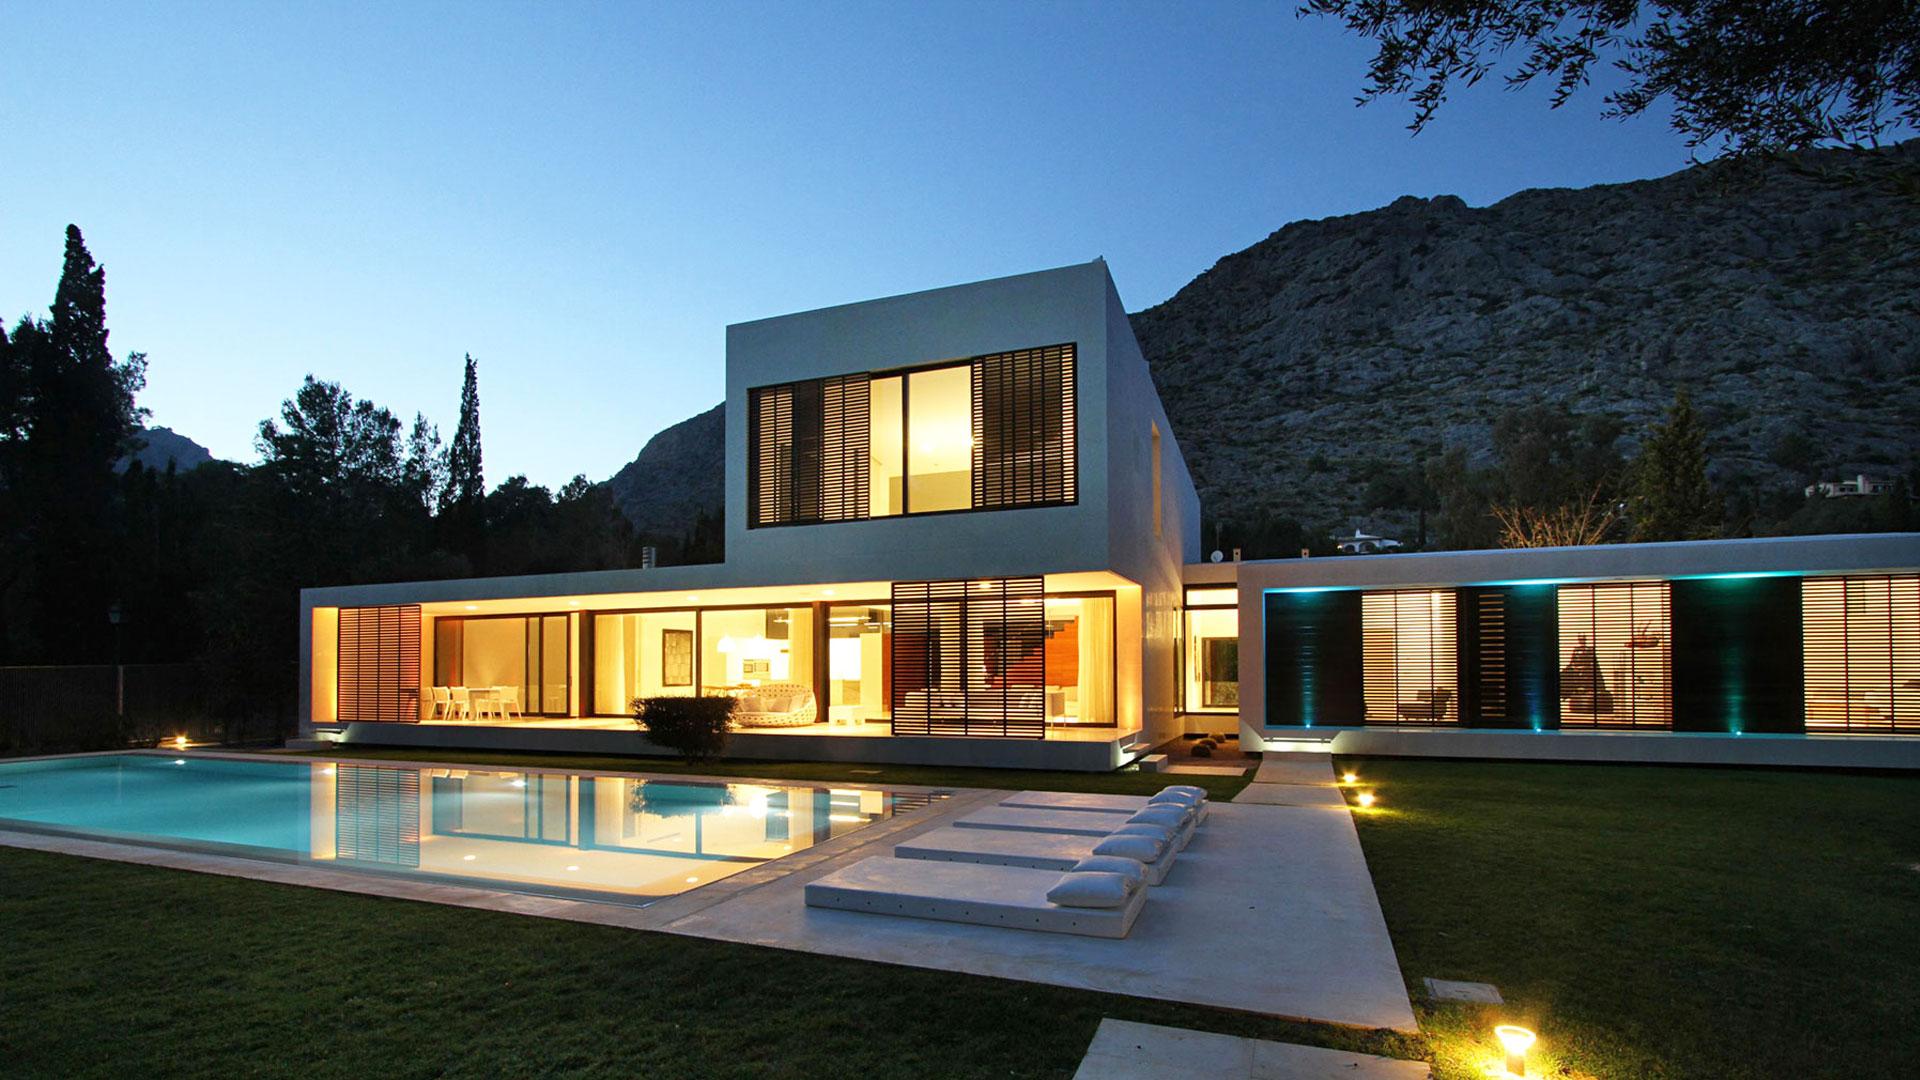 Konzept villa alanya slv12 turquoise immobilien t rkei for In immobilien